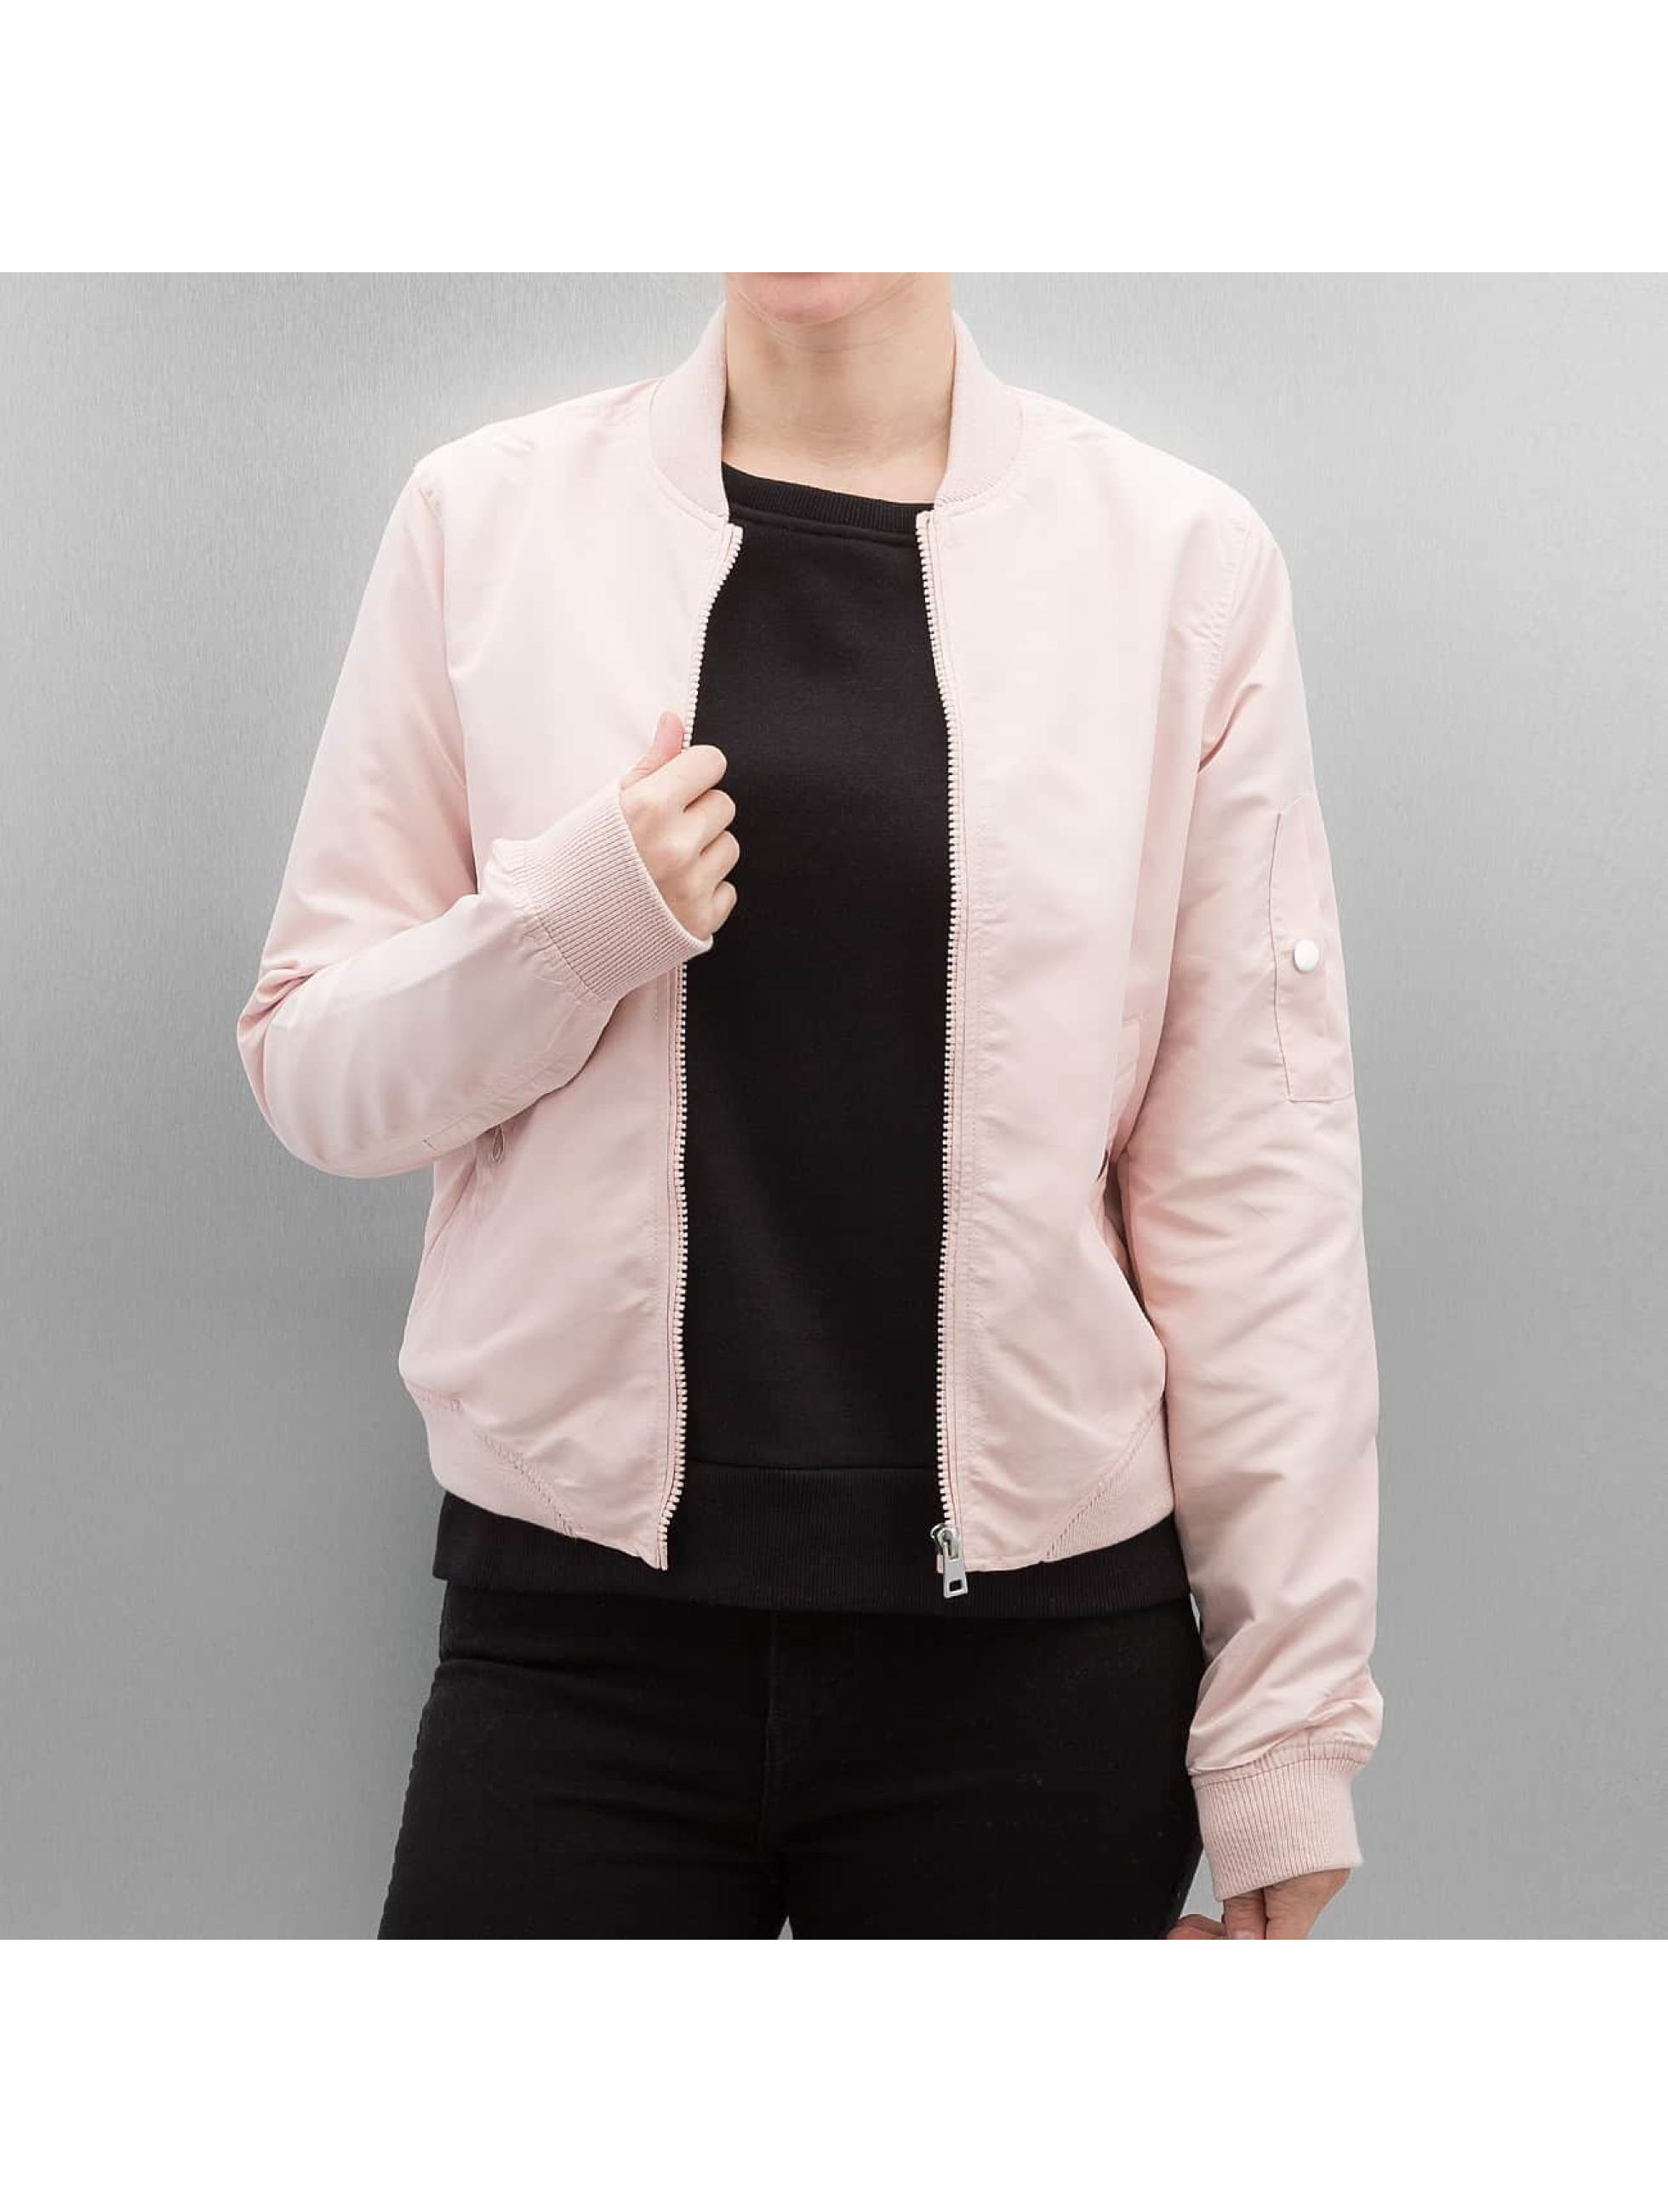 vero moda damen bomberjacke cmdicte spring in rosa 296061. Black Bedroom Furniture Sets. Home Design Ideas